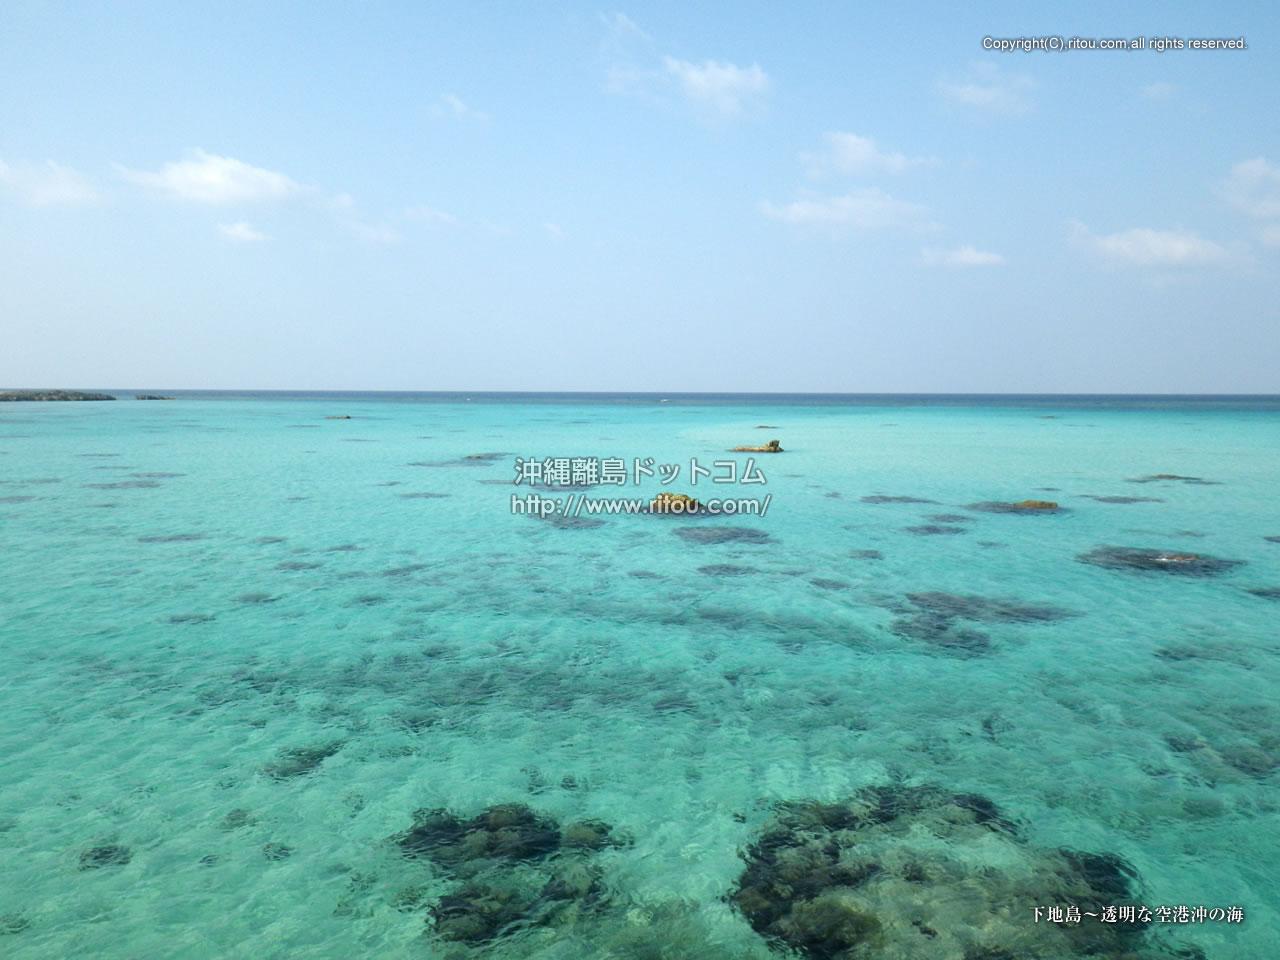 下地島〜透明な空港沖の海